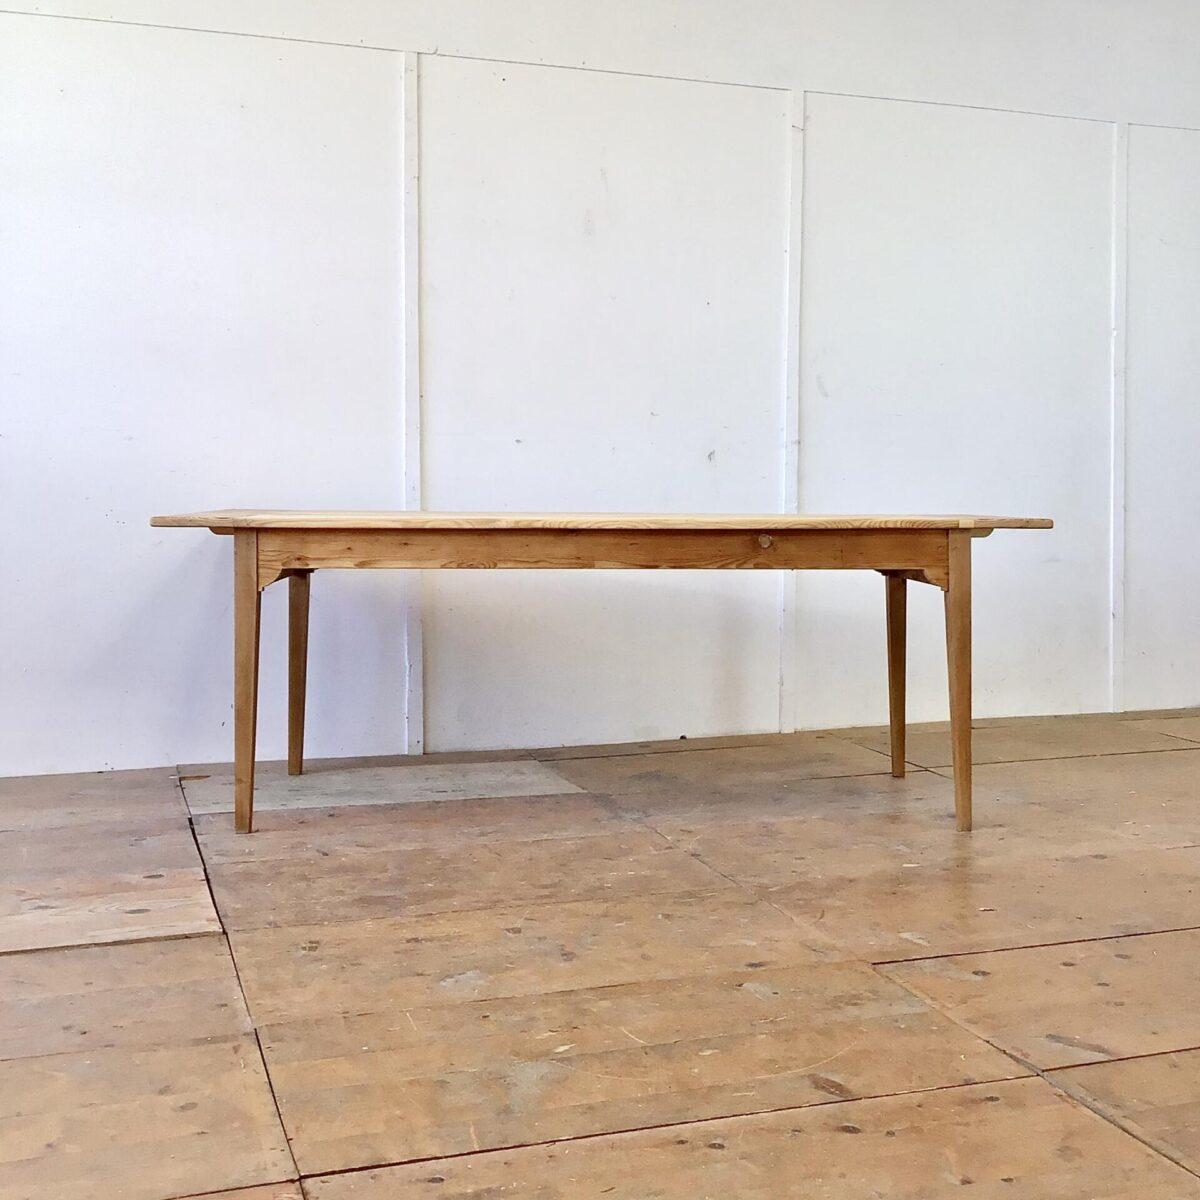 Deuxieme.shop Tannenholz Biedermeiertisch 207x78cm Höhe 72.5cm. Tischbeine frisch verleimt und stabilisiert. Holzoberflächen geschliffen und mit Naturöl behandelt.